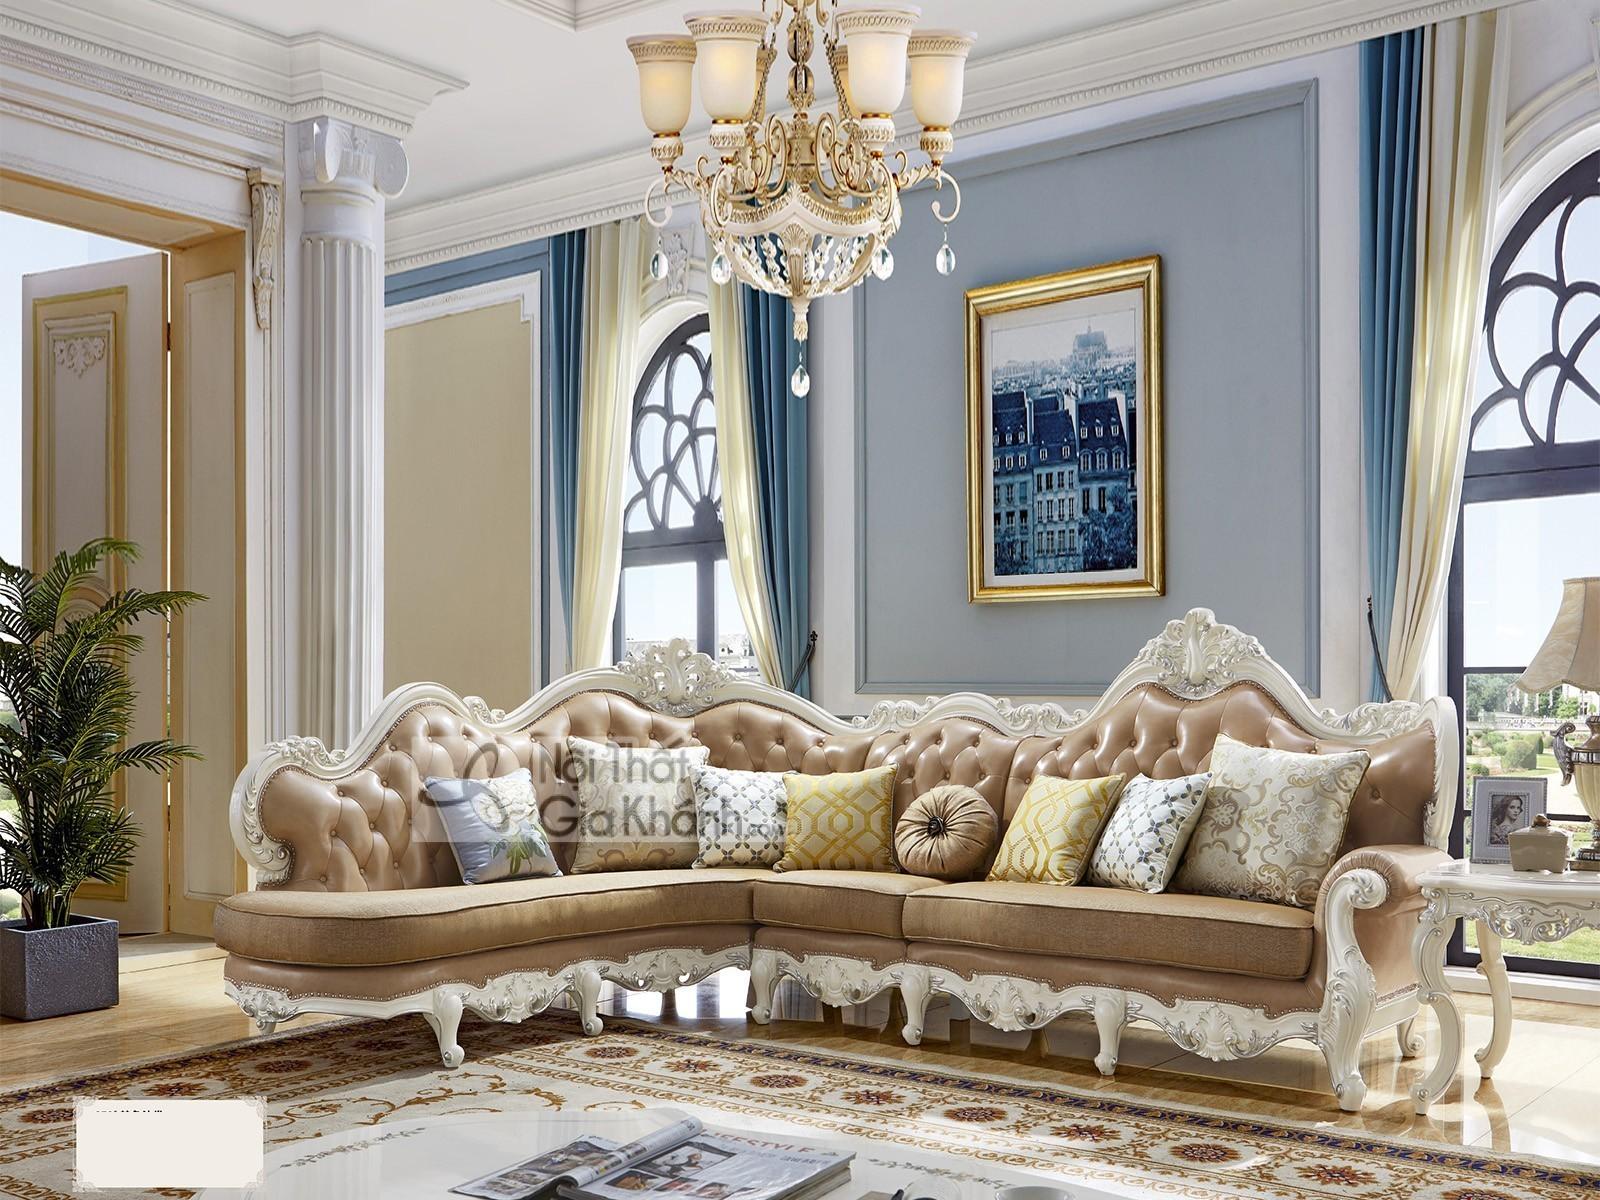 Sofa góc chữ L phong cách tân cổ điển SP959H-2